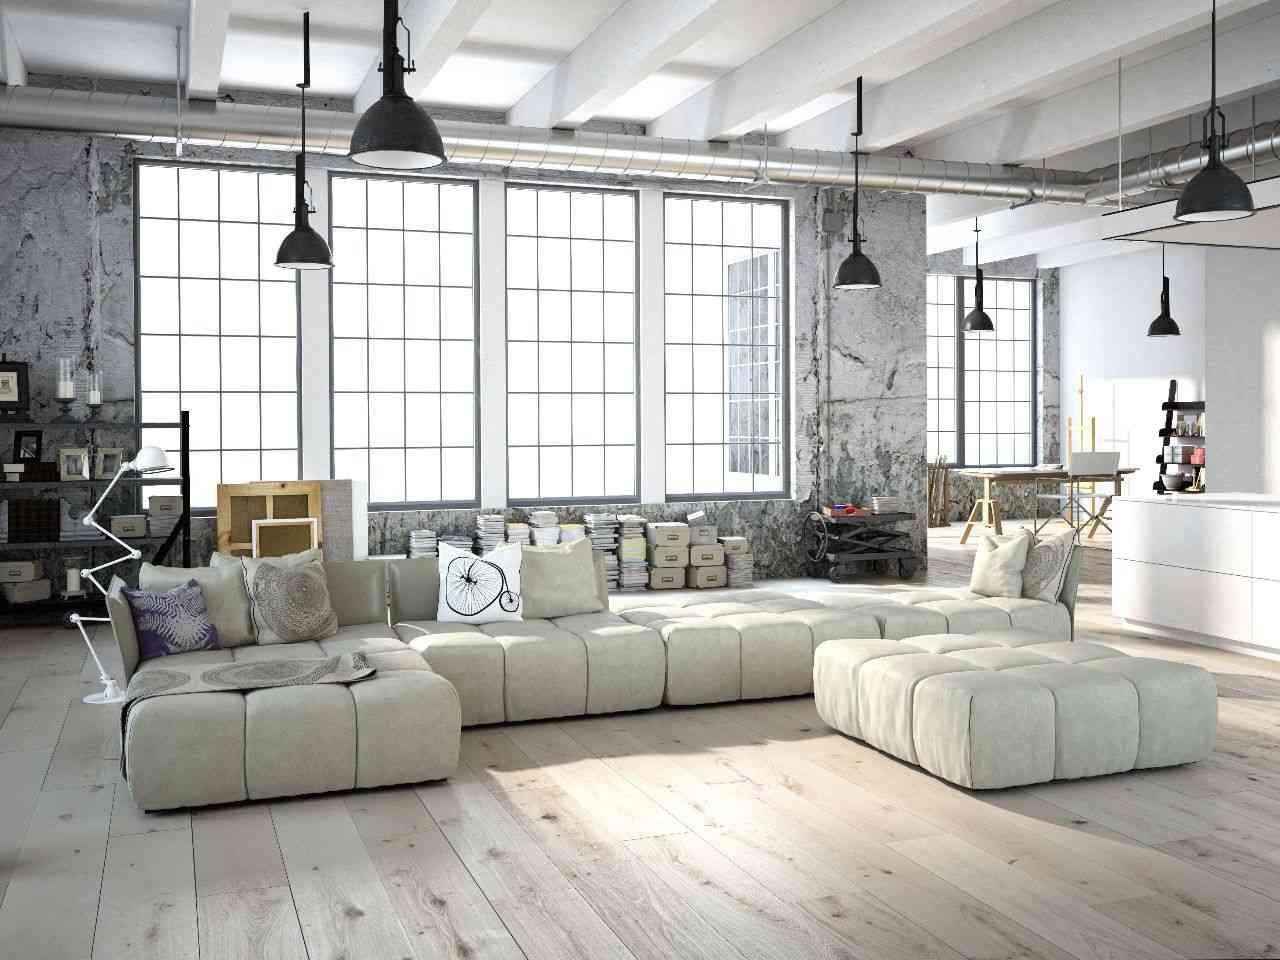 Ideas originales para decorar un loft con estilo - Ideas decoracion originales ...